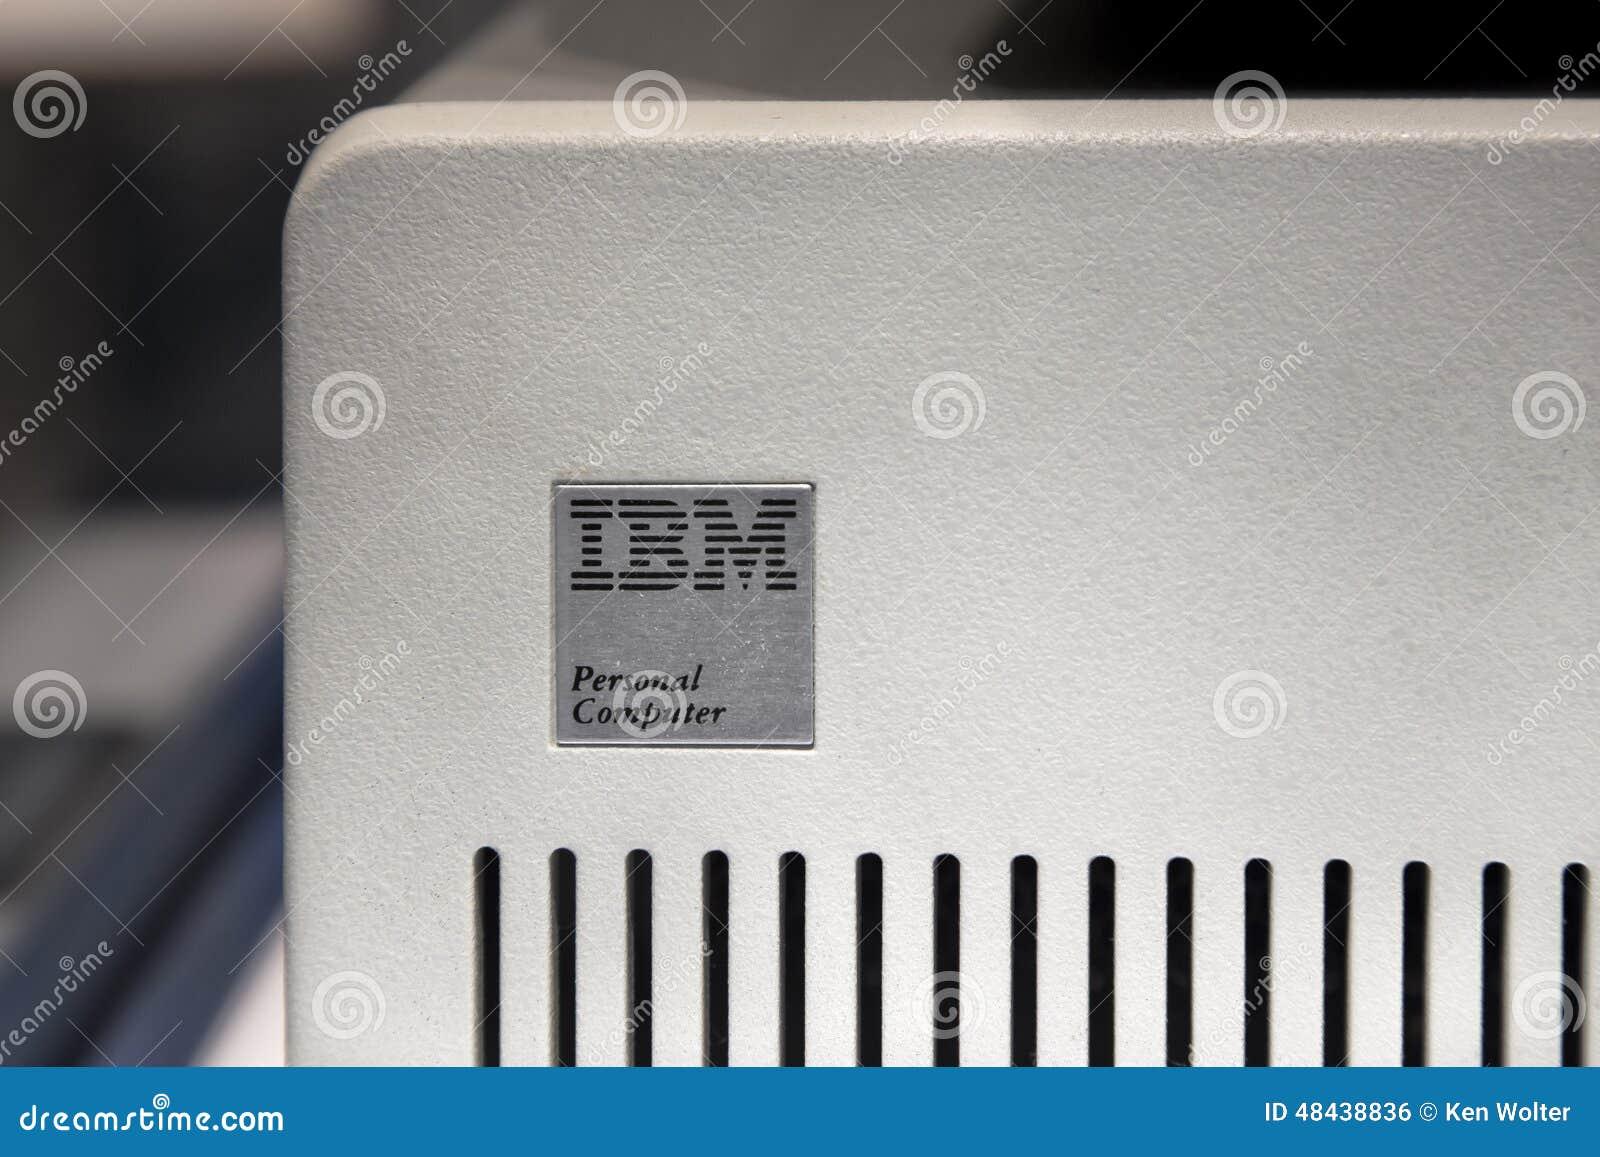 Αρχικό προσωπικός Η/Υ της IBM